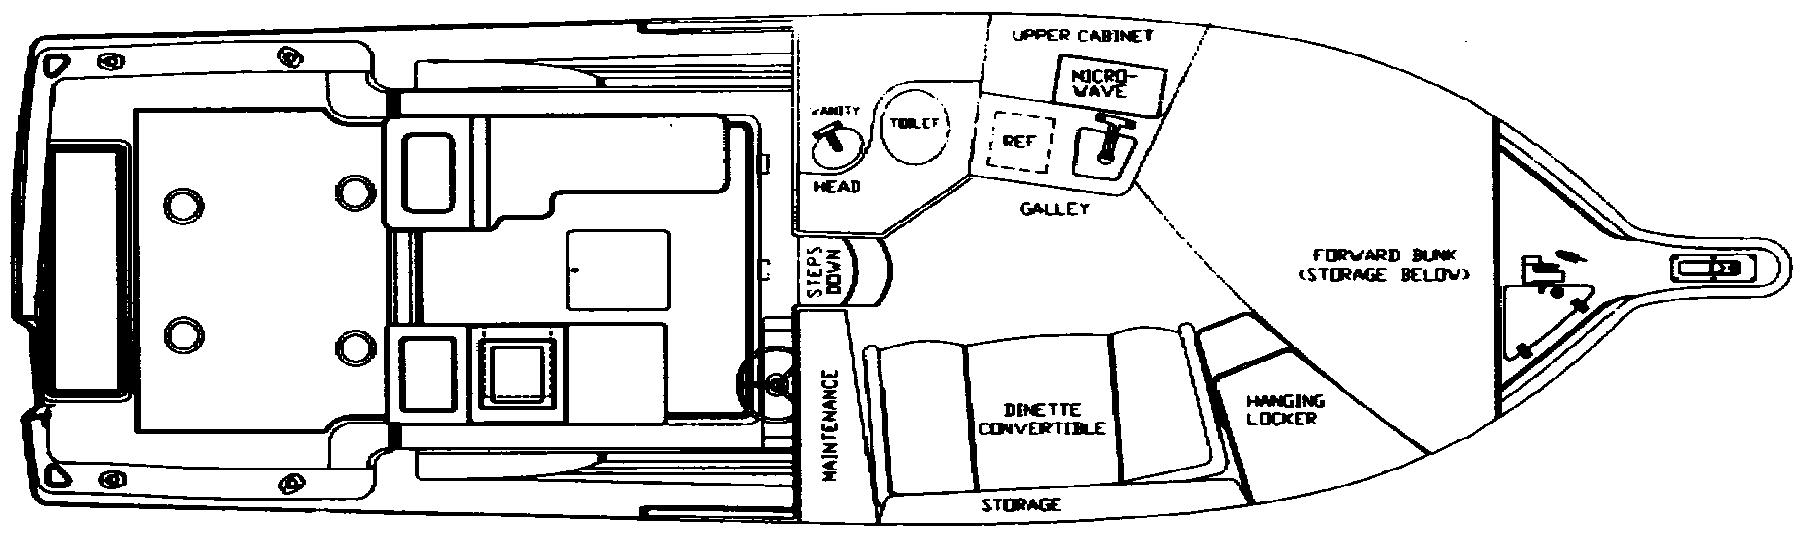 3000 Express Floor Plan 1